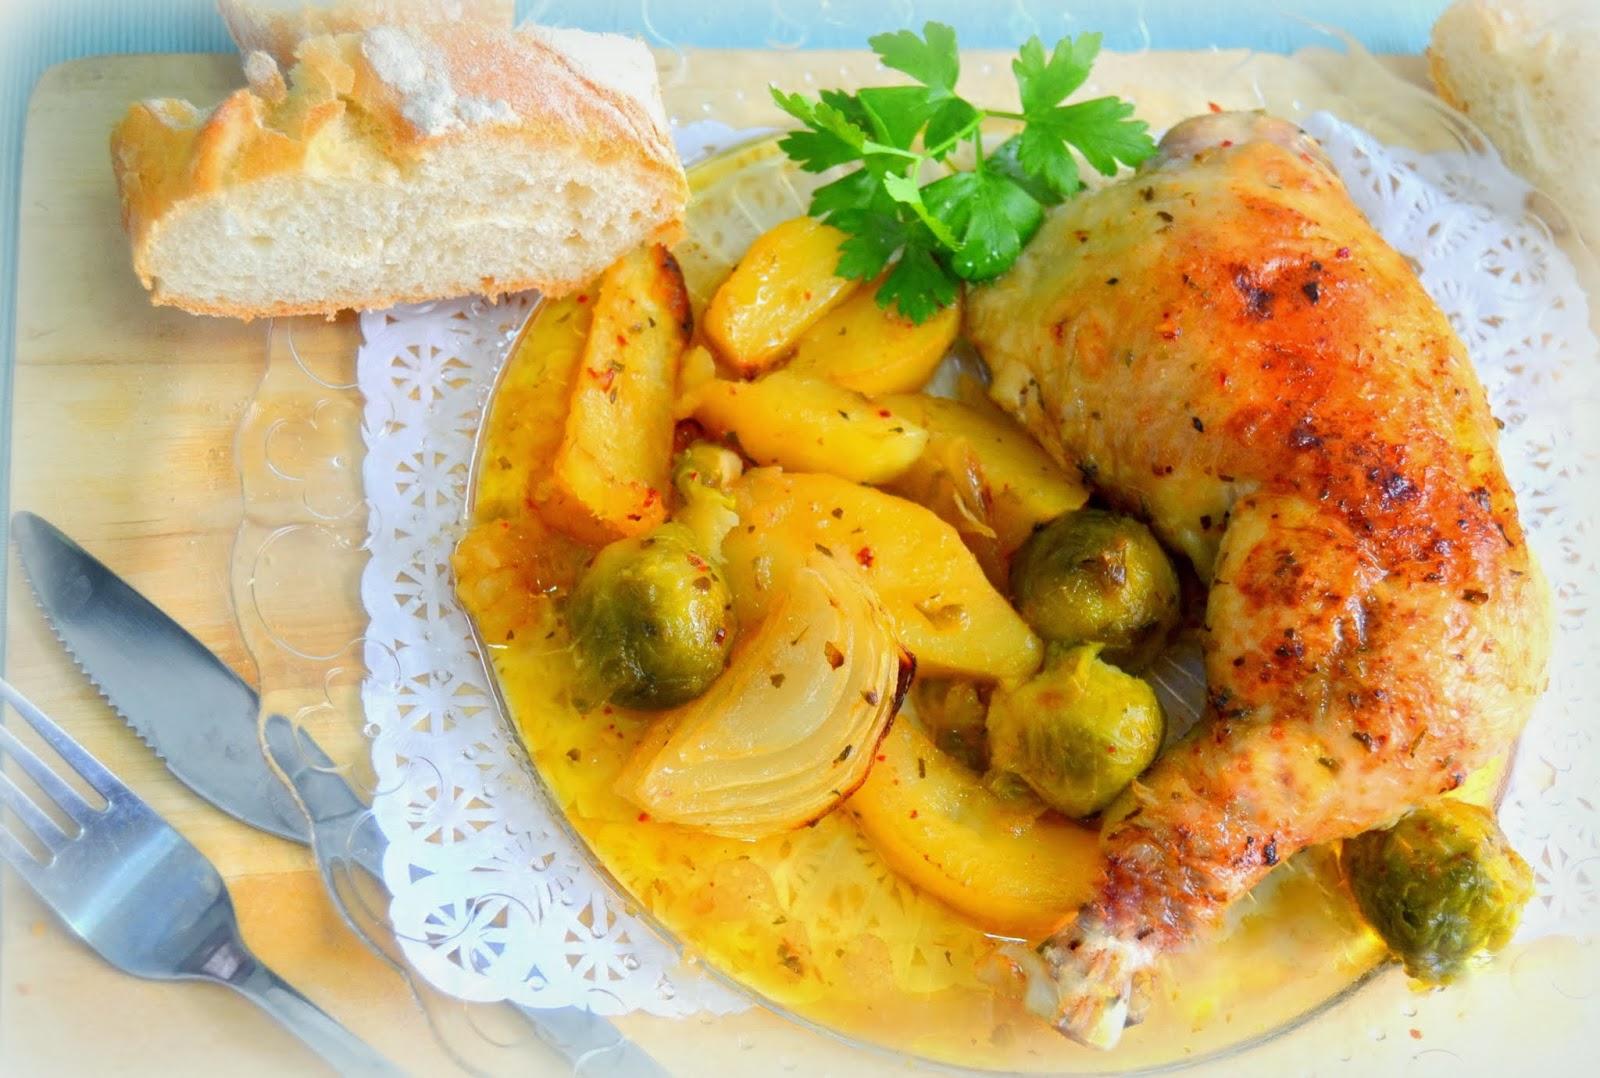 Pollo asado al horno con patatas, cebollas y verduras